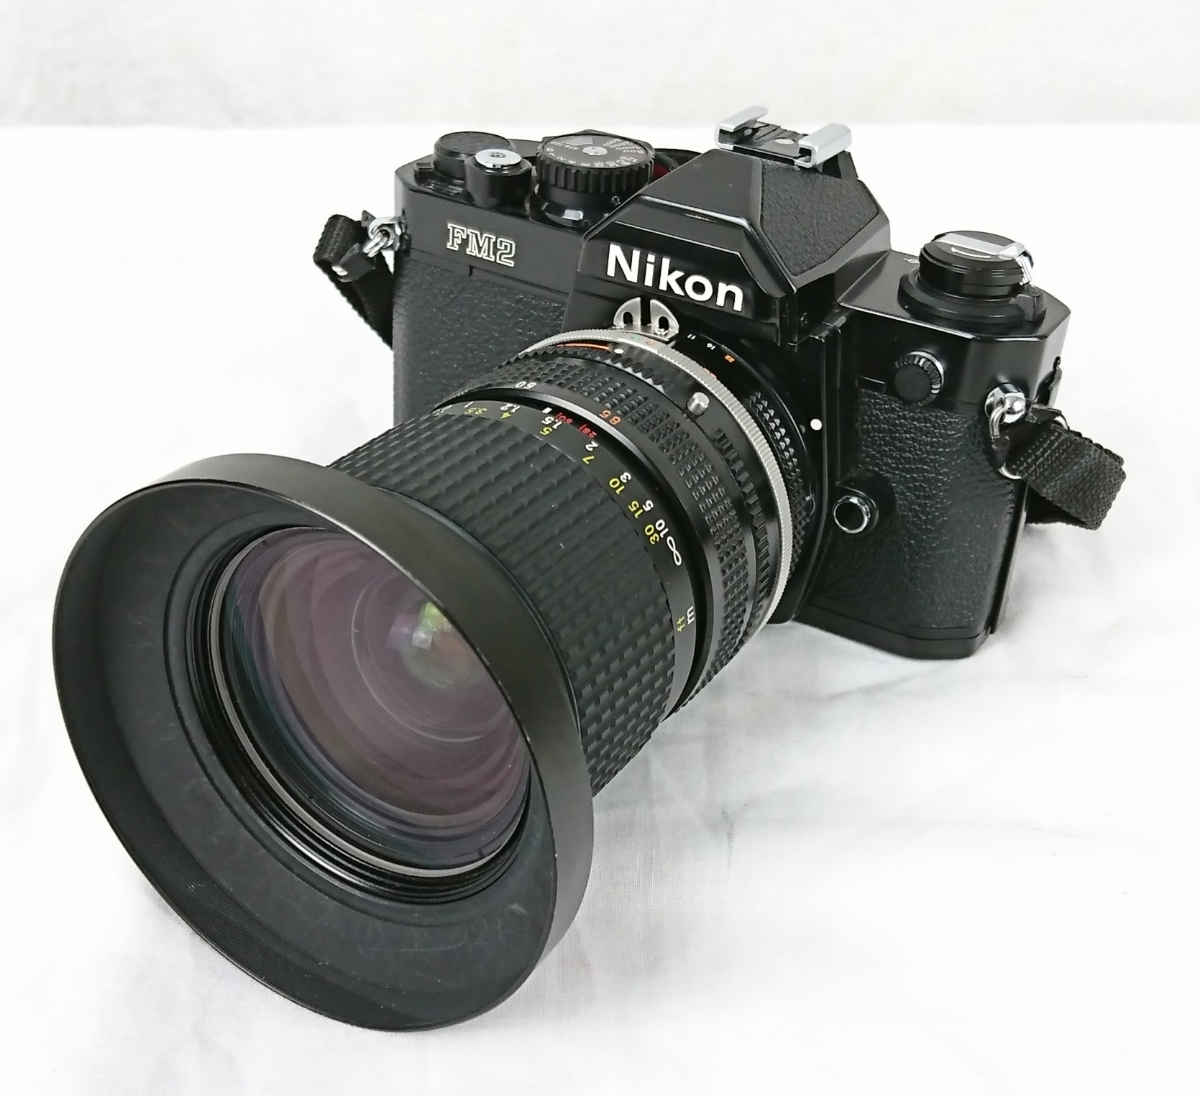 【GK-201】 Nikon ニコン カメラ FM2 レンズ Zoom-NIKKOR 28~85mm 1:3.5~4.5 黒色 black ブラックボディー N7763716 MFカメラ